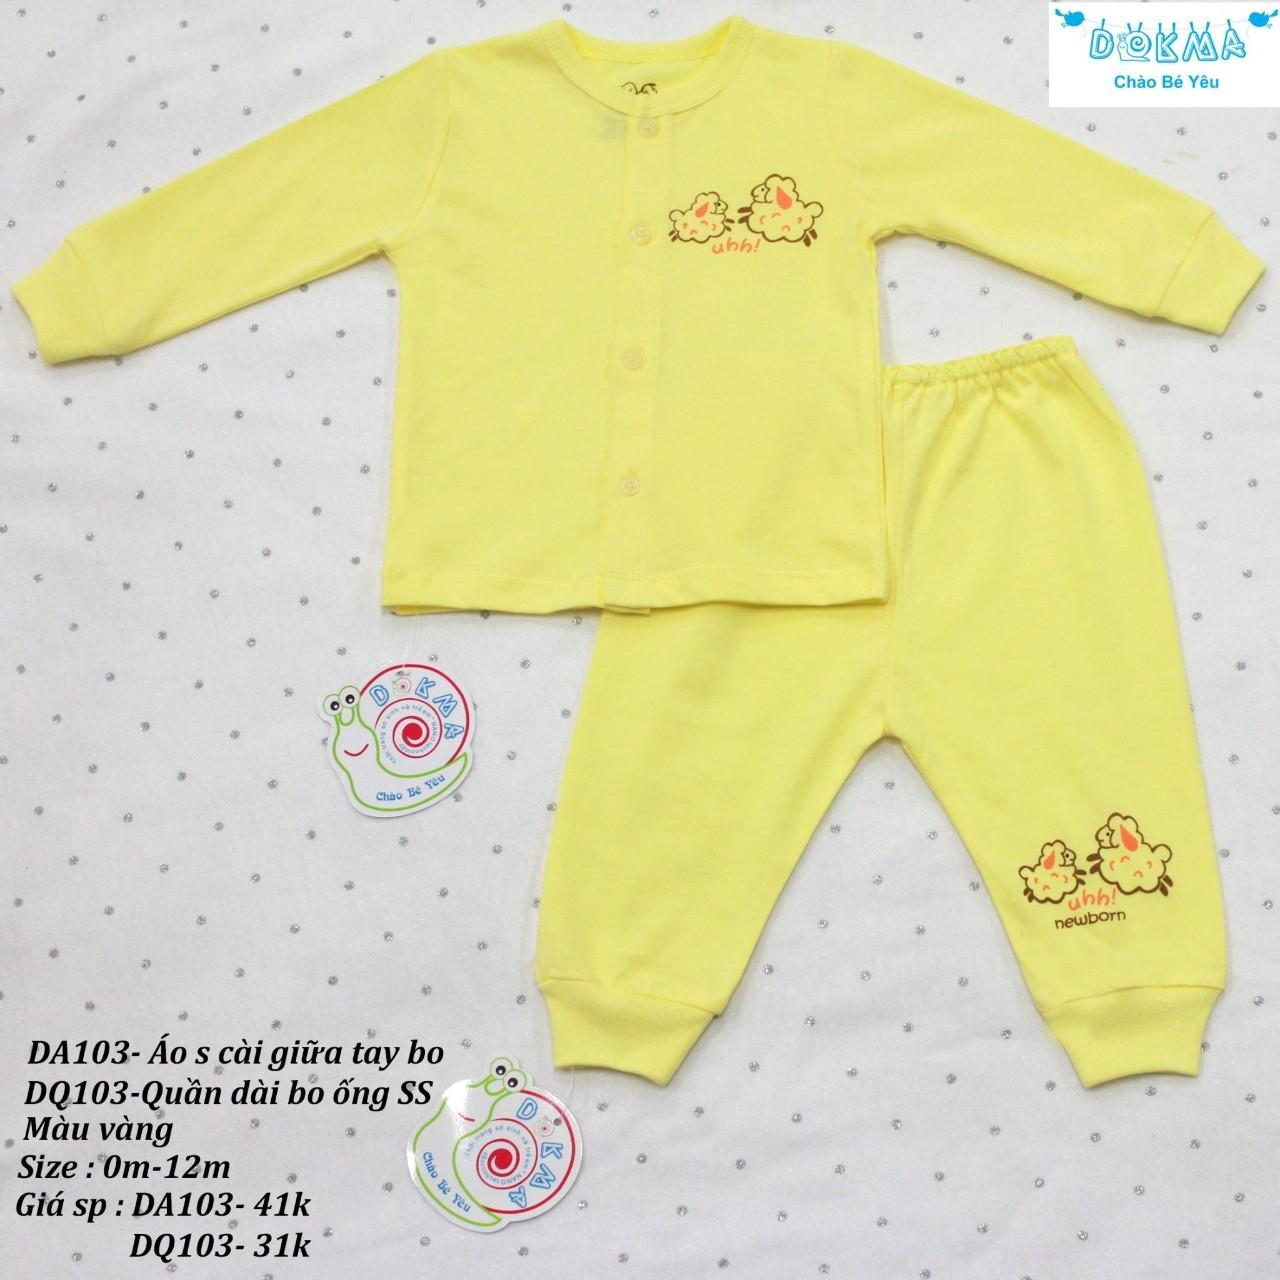 Bộ quần áo dài tay DOKMA màu xanh cho bé sơ sinh đến 12 tháng